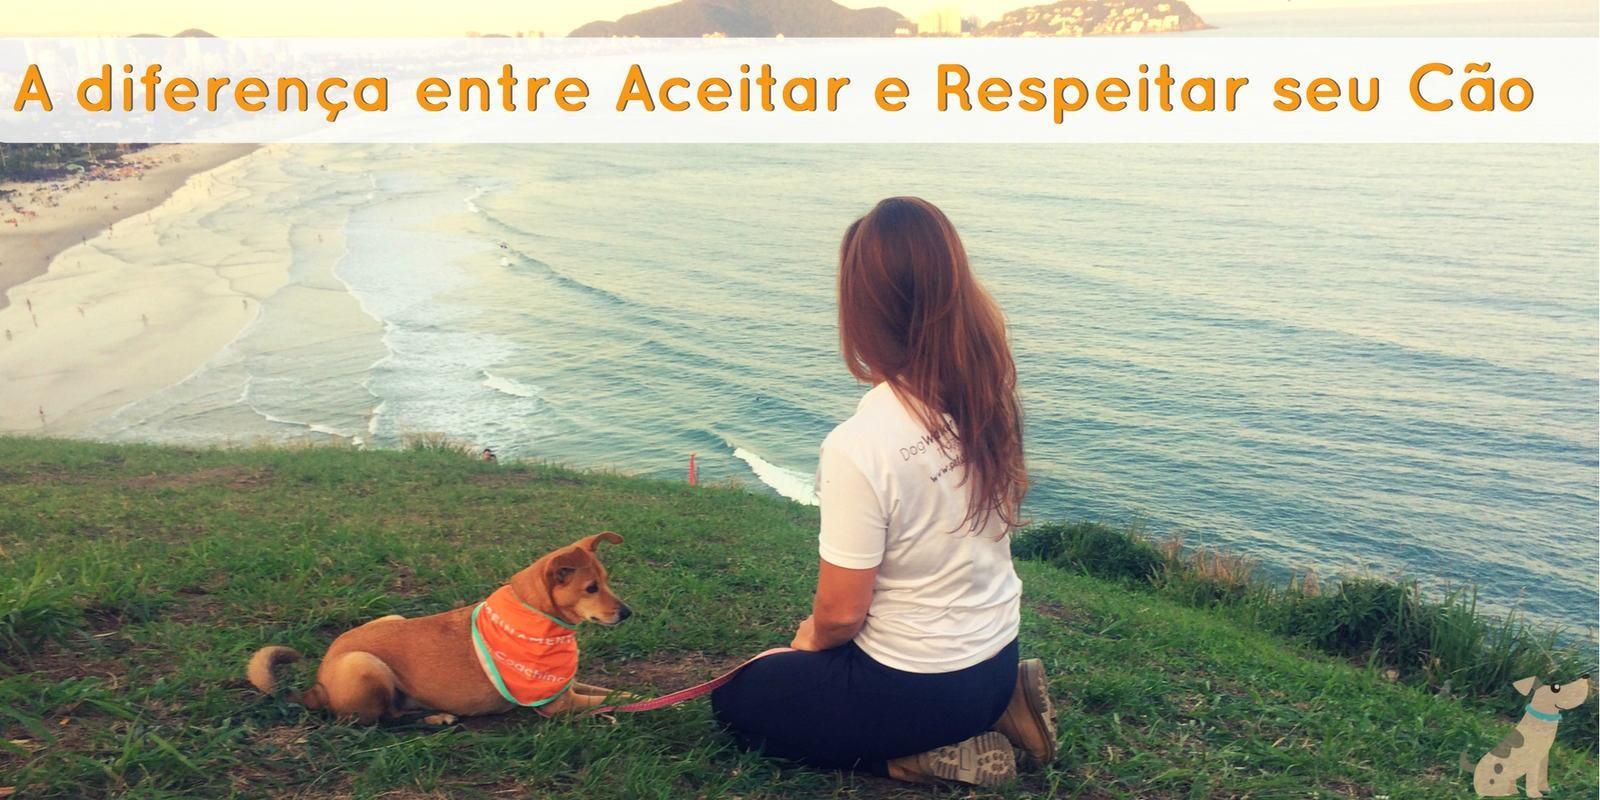 Lambeijos, Carla Ruas - A diferença entre Aceitar e Respeitar seu cão